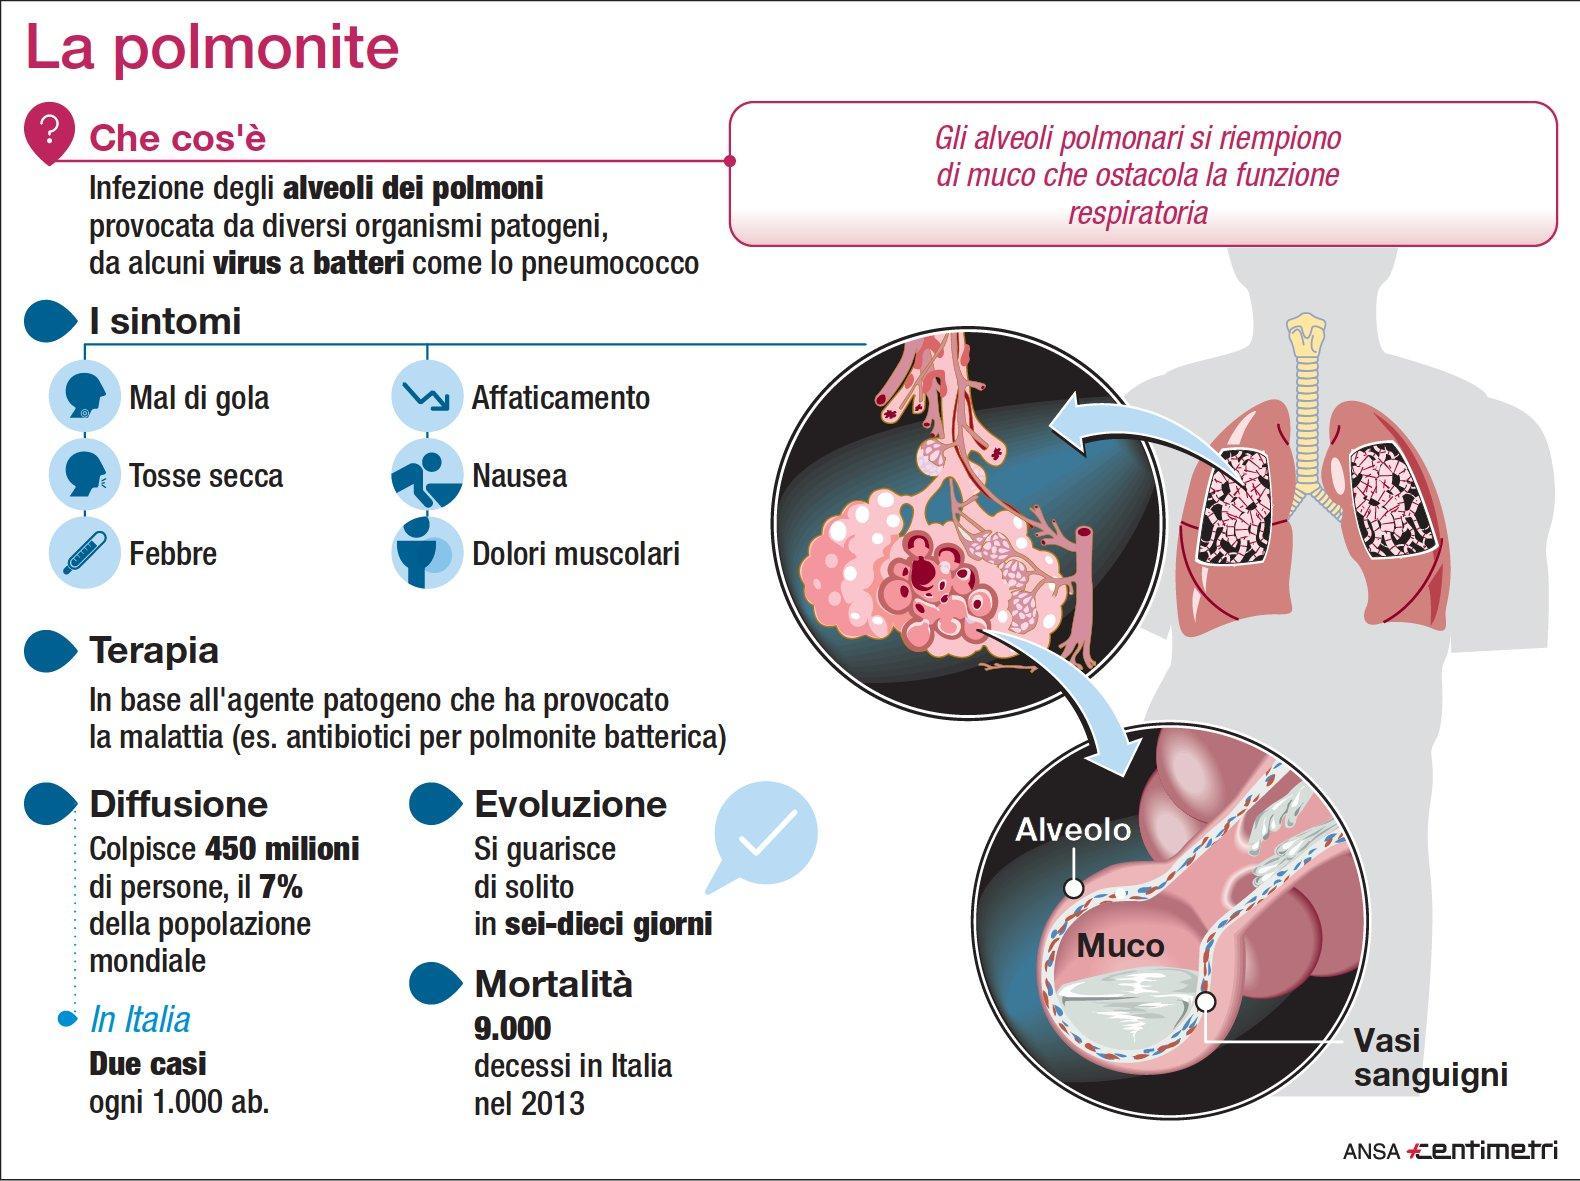 Polmonite, la scheda della malattia